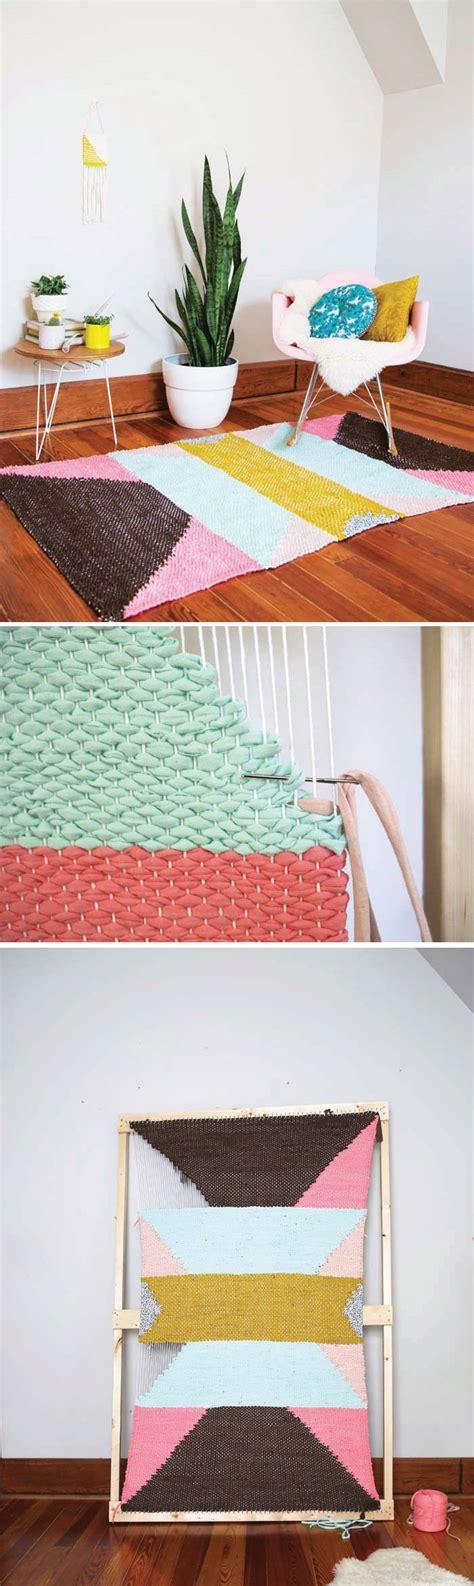 diy weave rug best 25 diy rugs ideas on rag rug diy diy crochet rag rug and rugs